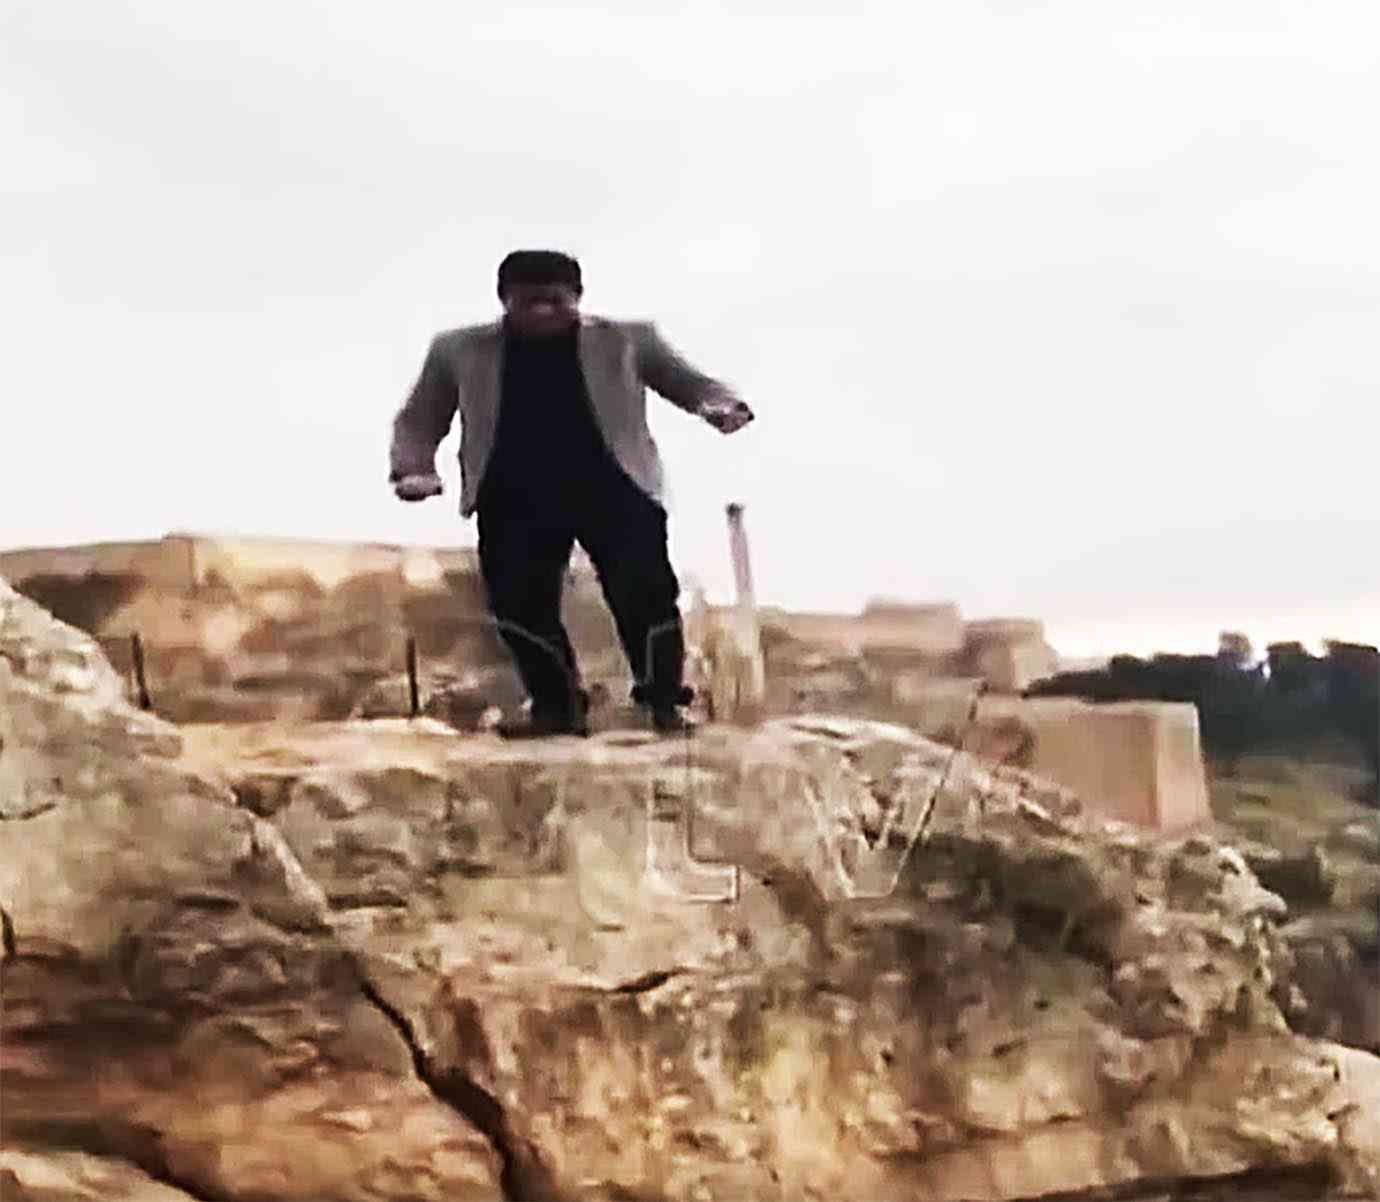 【悲報】ヒーローの真似して岩からジャンプ → 着地失敗 → 崖から転落 → 死亡 | バズプラスニュース Buzz+